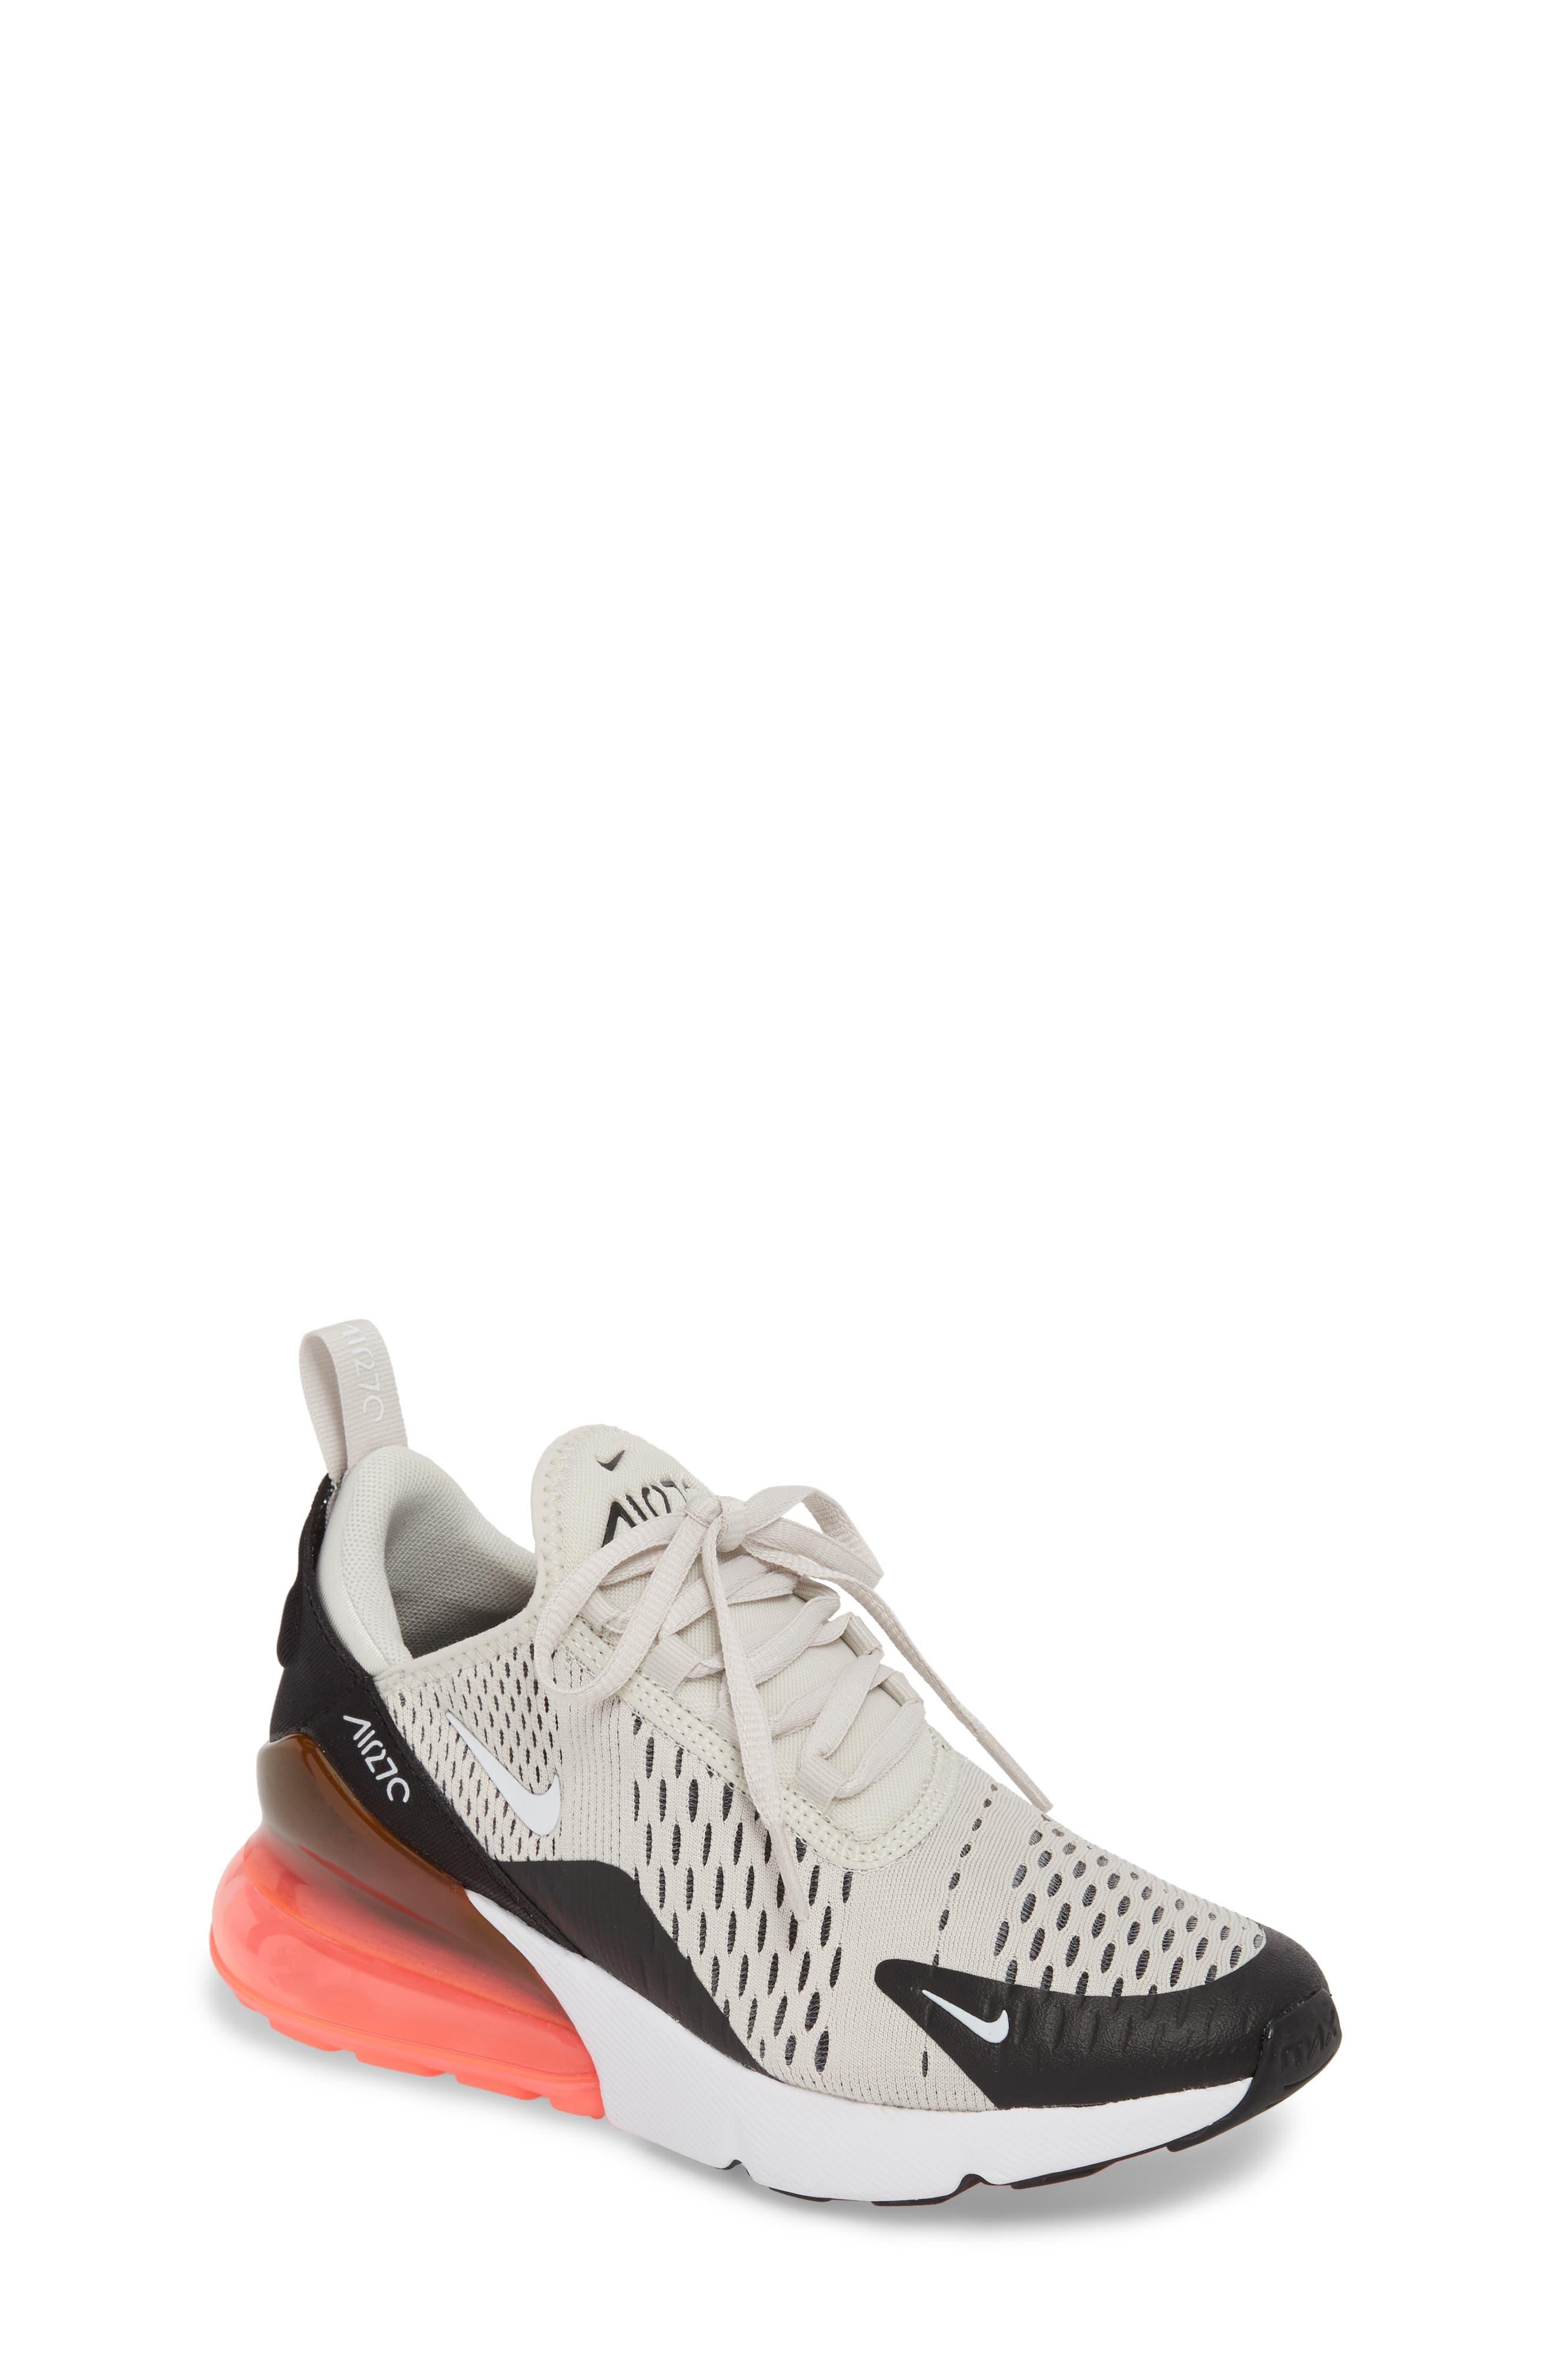 Nike Air Max 270 Sneaker Big Kid Review